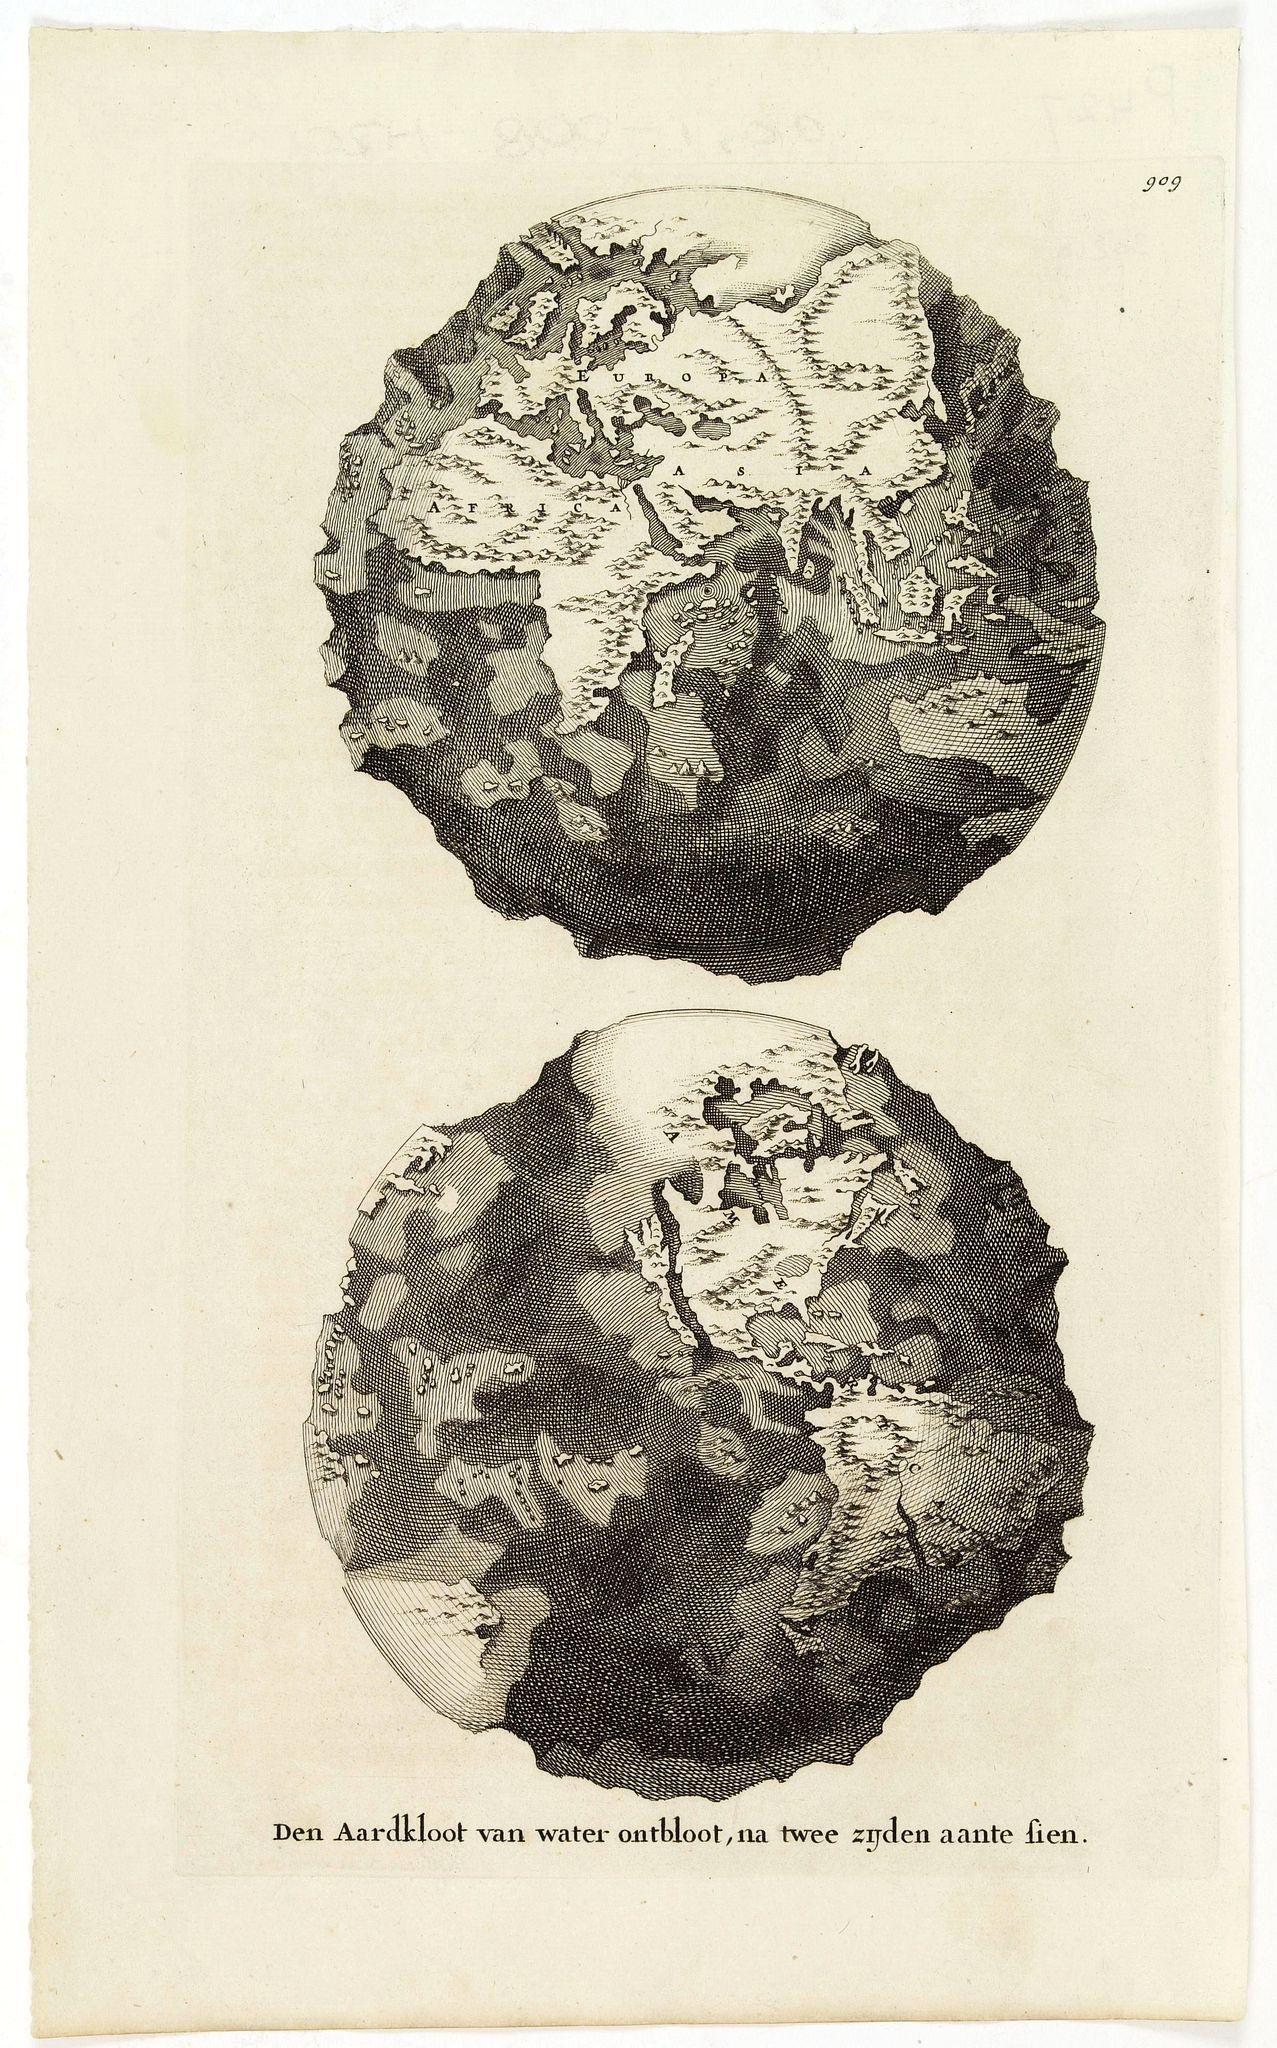 GOEREE, W. / J. - Den Aardkloot van water ontbloot, na twee zijden aante sien.